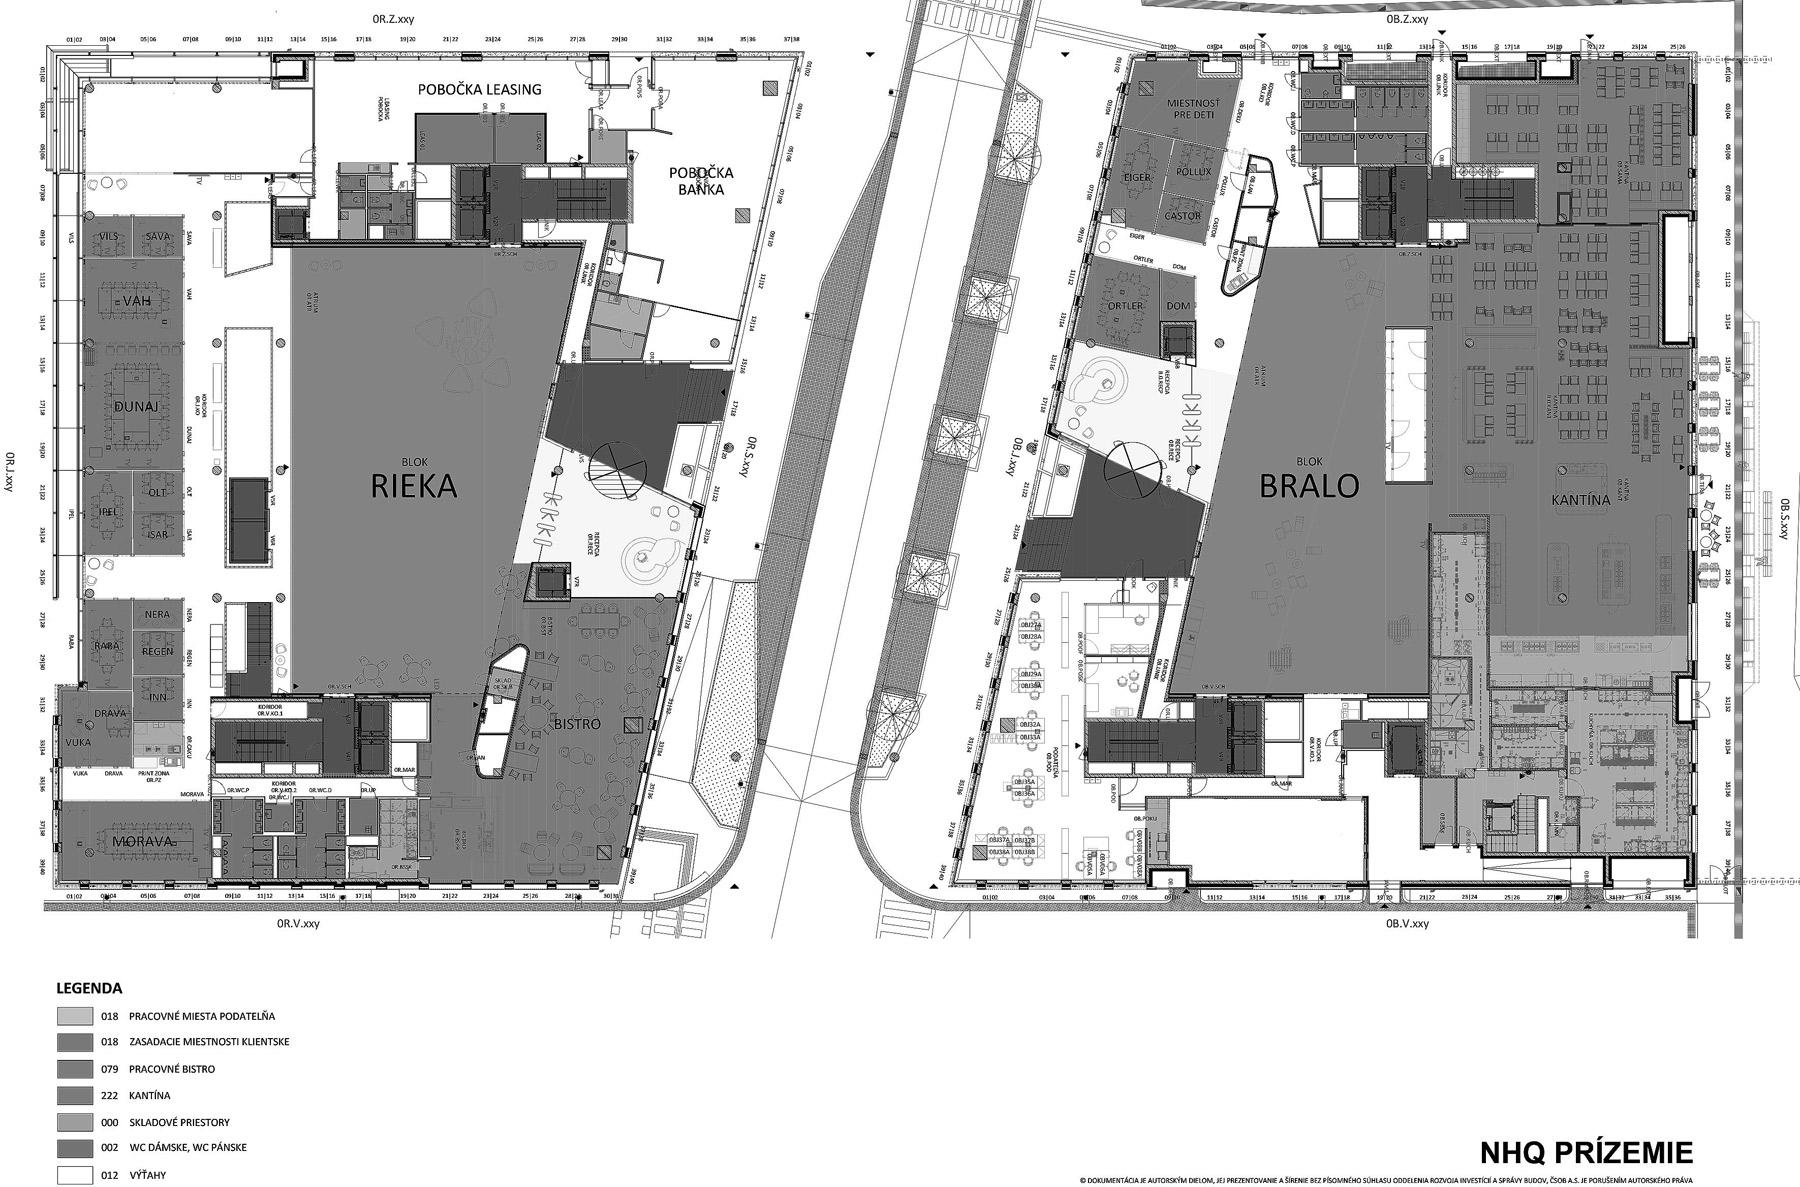 Floorplan PR rev 170213 PR retus